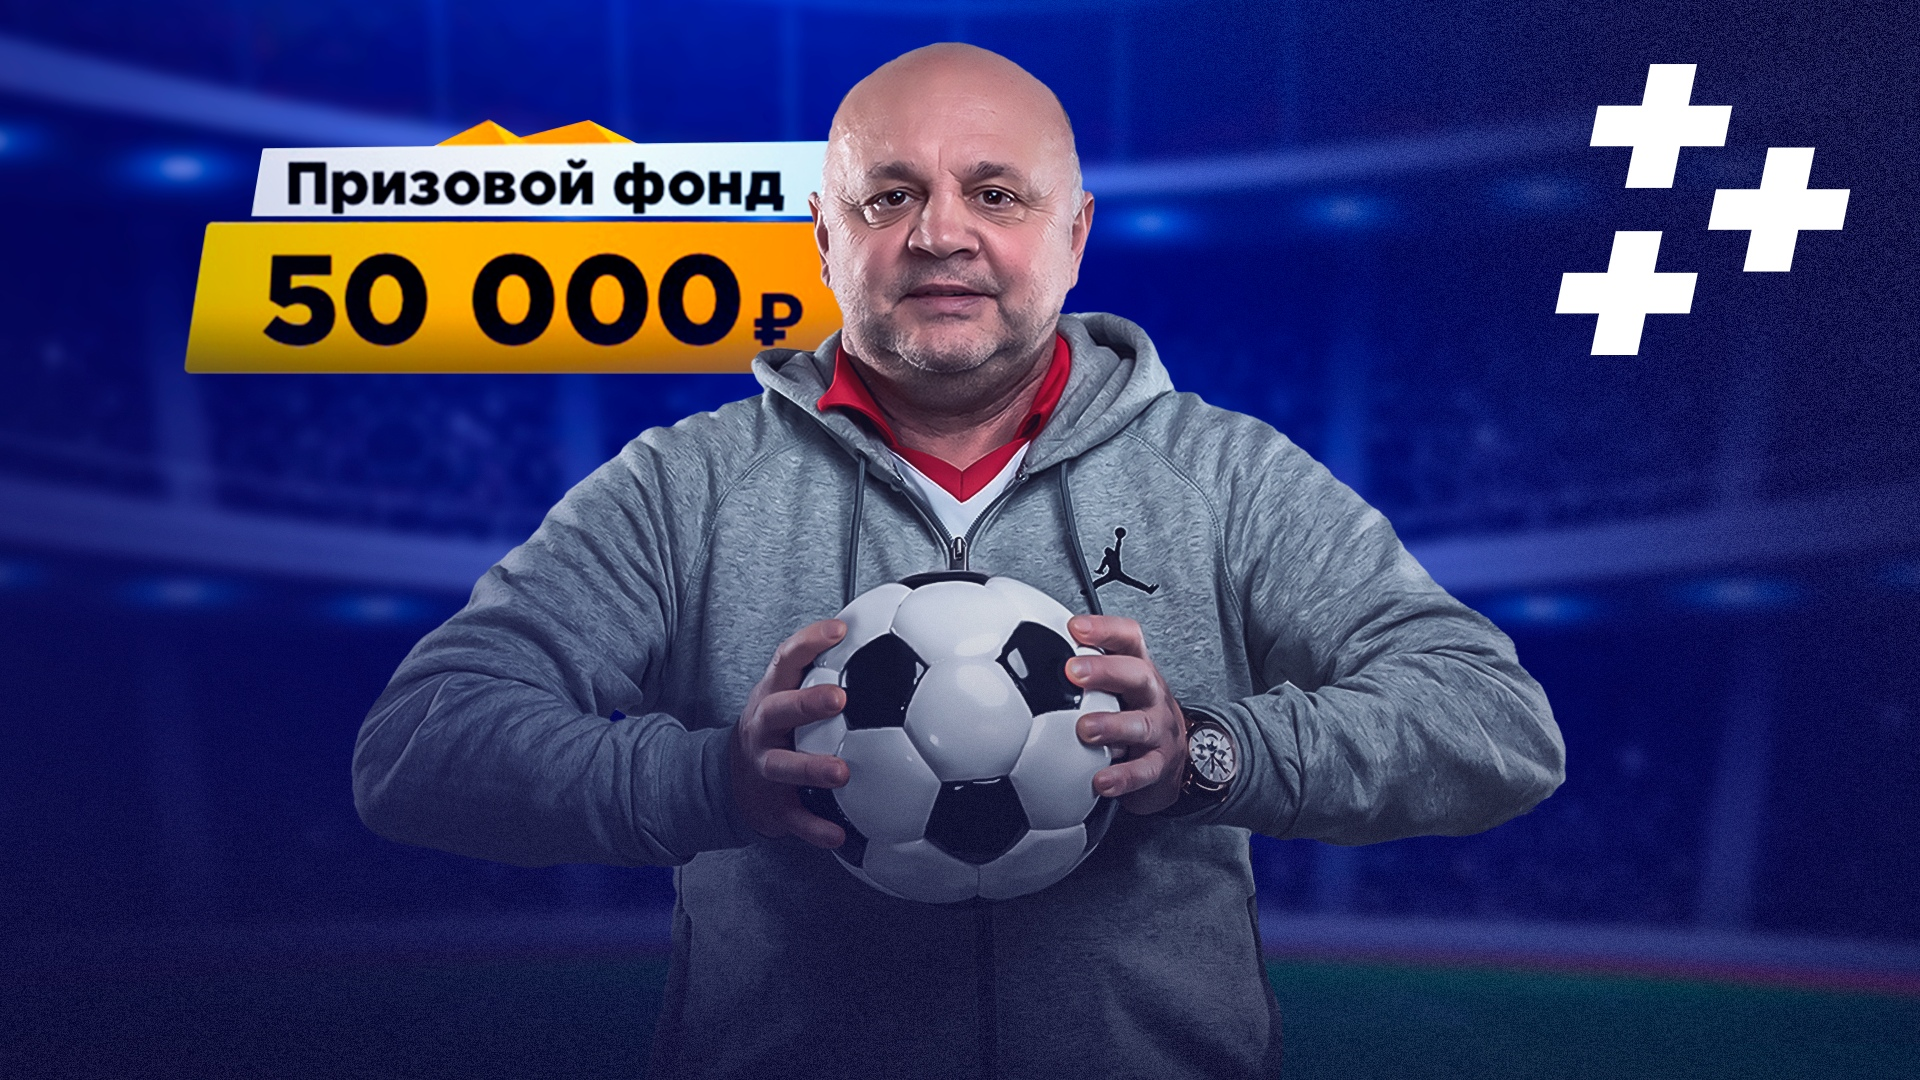 """Итоги последнего """"Евротура"""" в 2019-ом году. На кону 50 000!"""